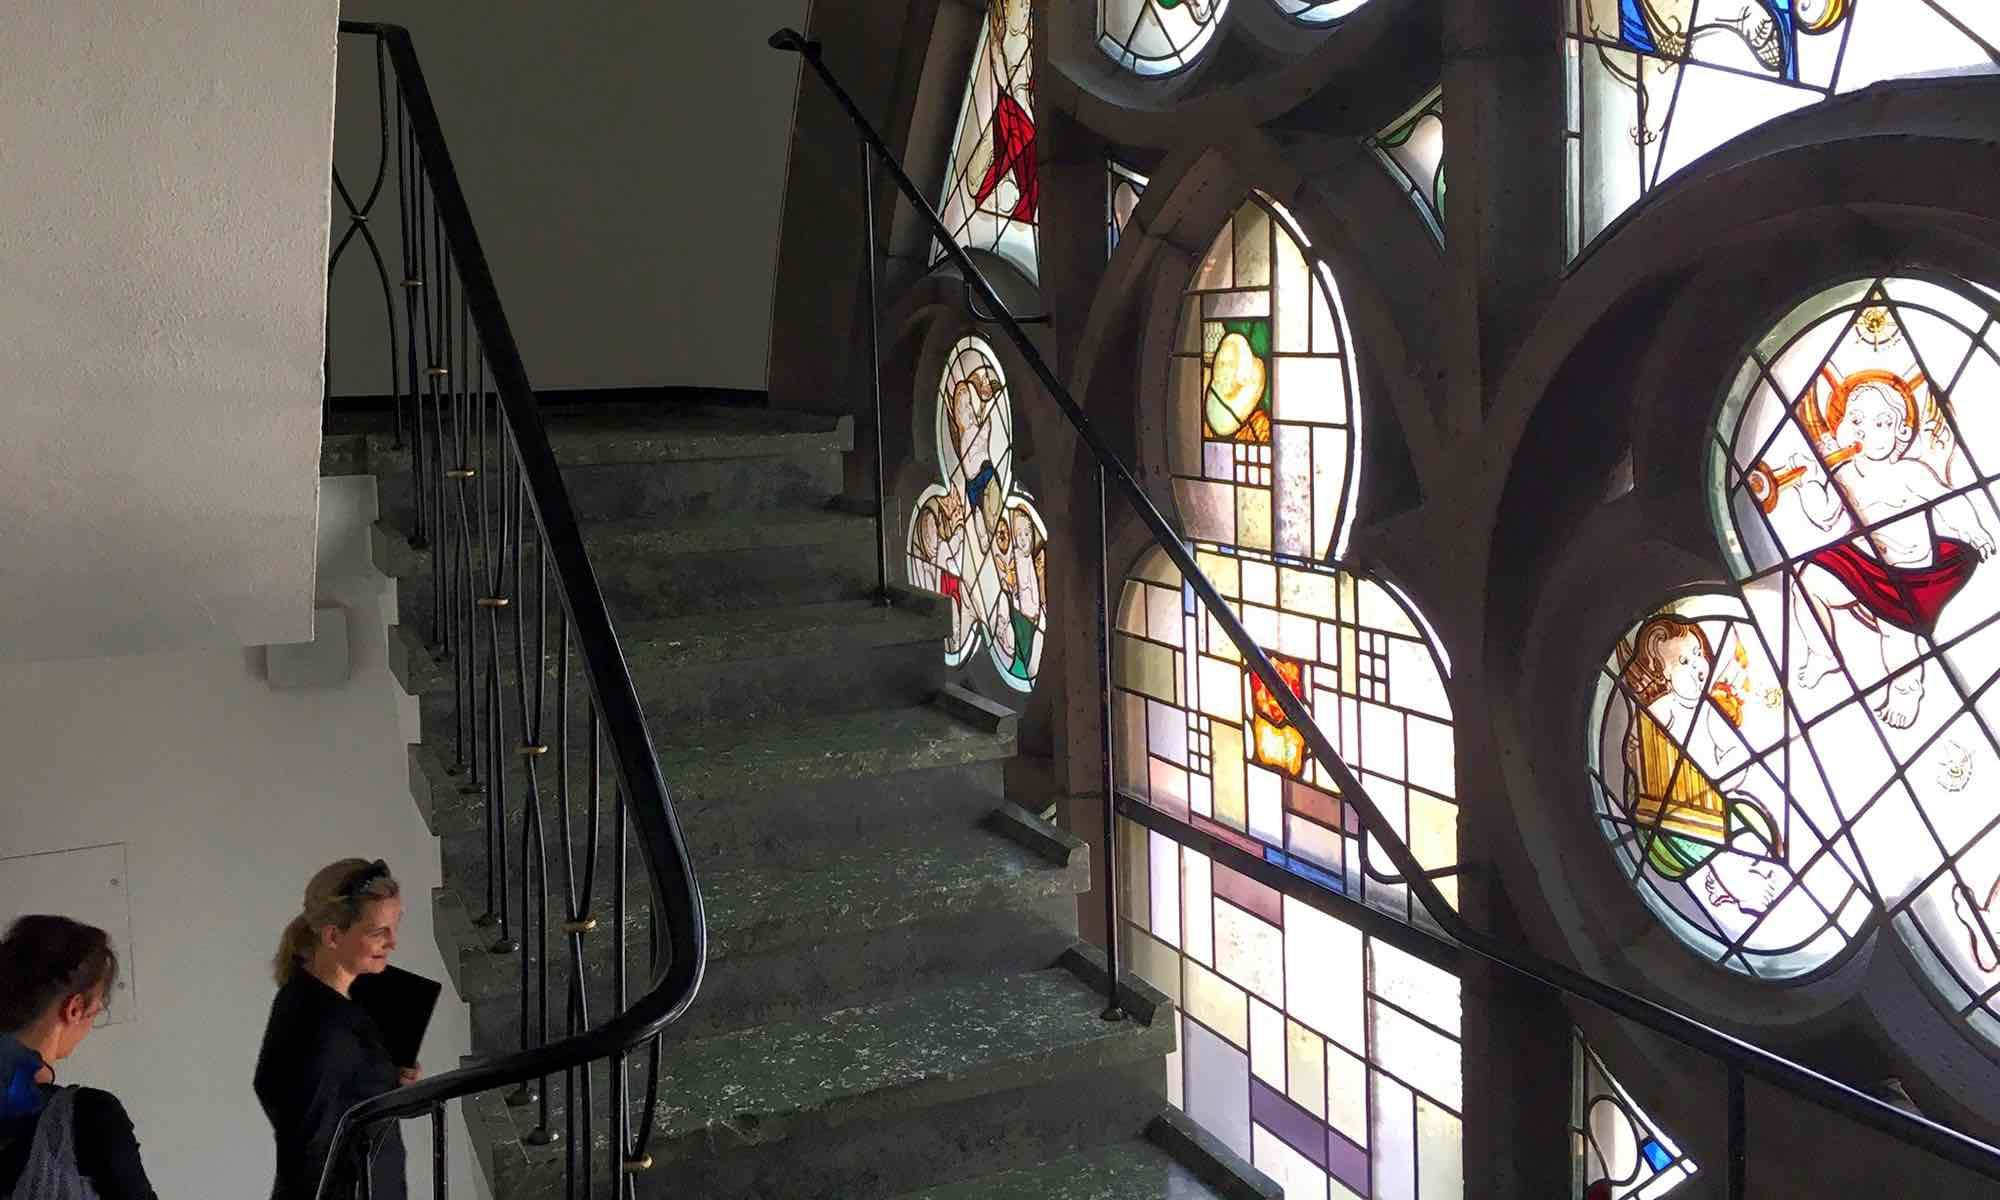 ... in einem engen Treppenhaus, direkt an den Kirchenfenstern vorbei ...